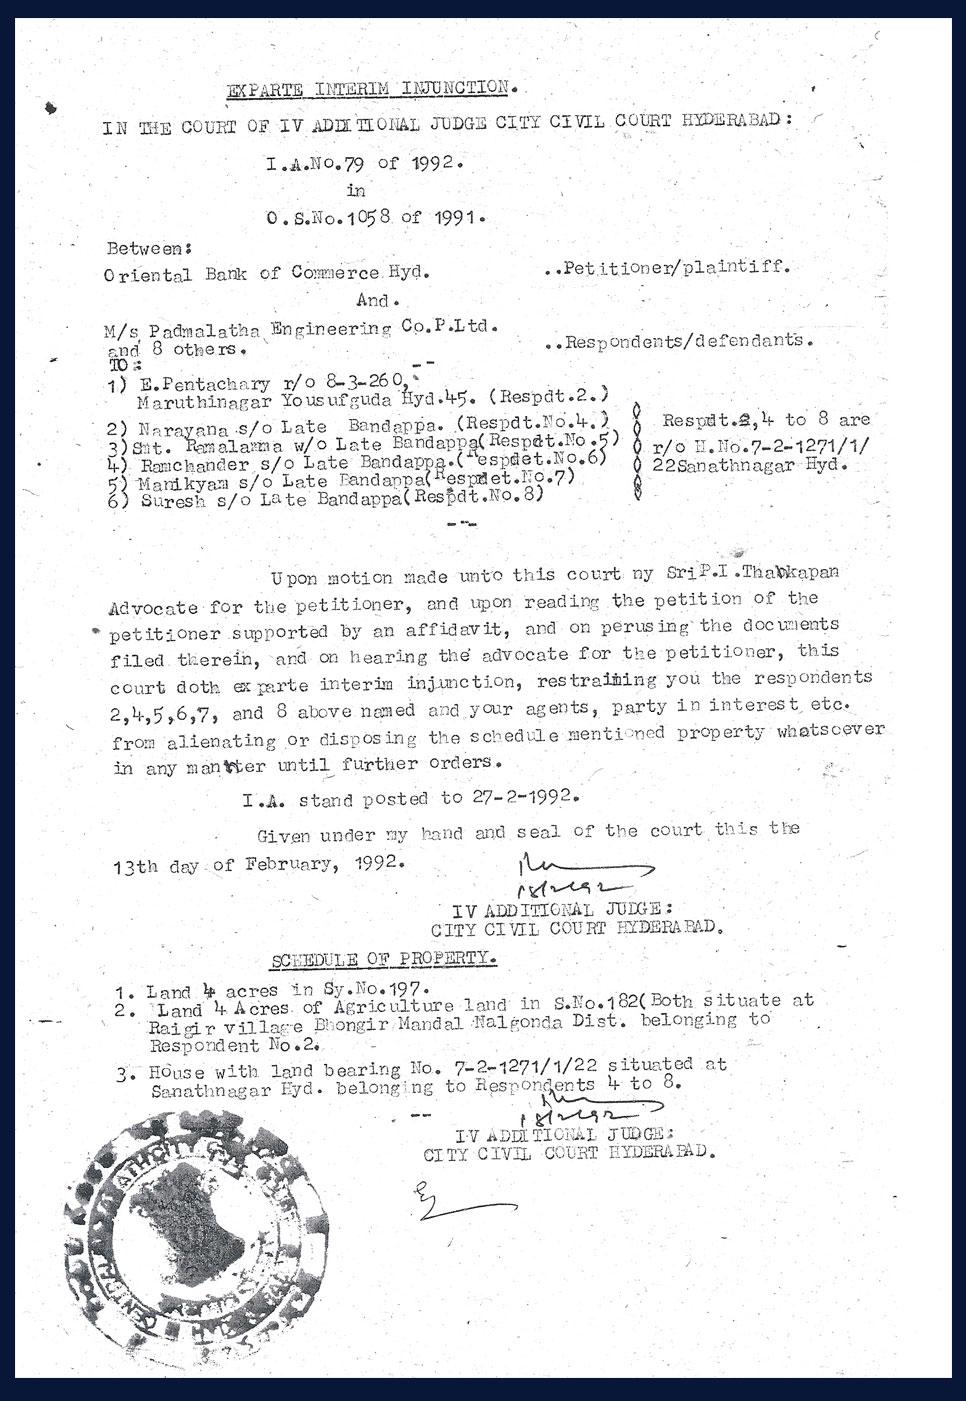 Exparte Interim Injunction-13-2-1992